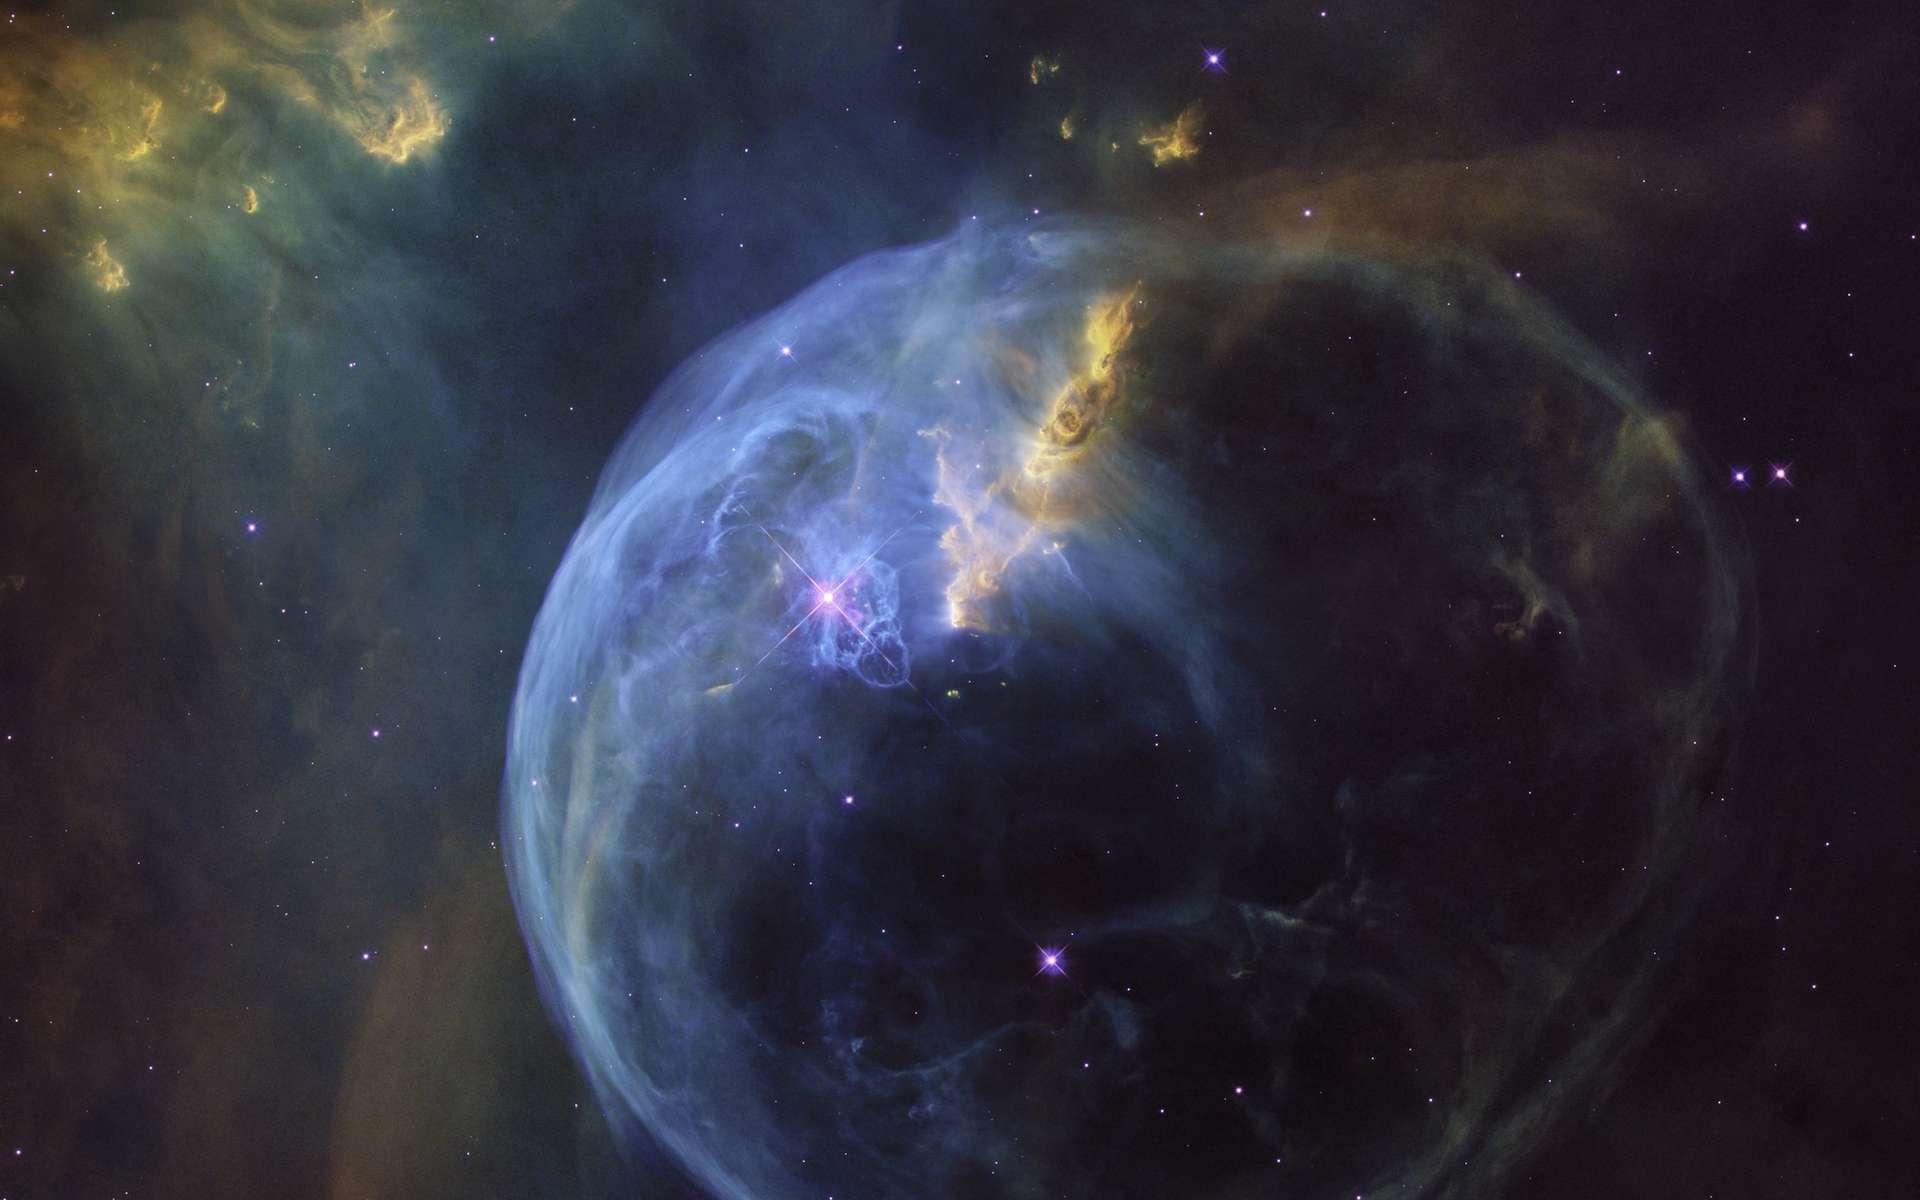 La nébuleuse de la Bulle (Bubble nebula) dépeinte par Hubble pour ses 26 ans en orbite. Curieusement, l'étoile très chaude et massive à l'origine de cette coquille est excentrée. © Nasa, Esa, Hubble Heritage Team